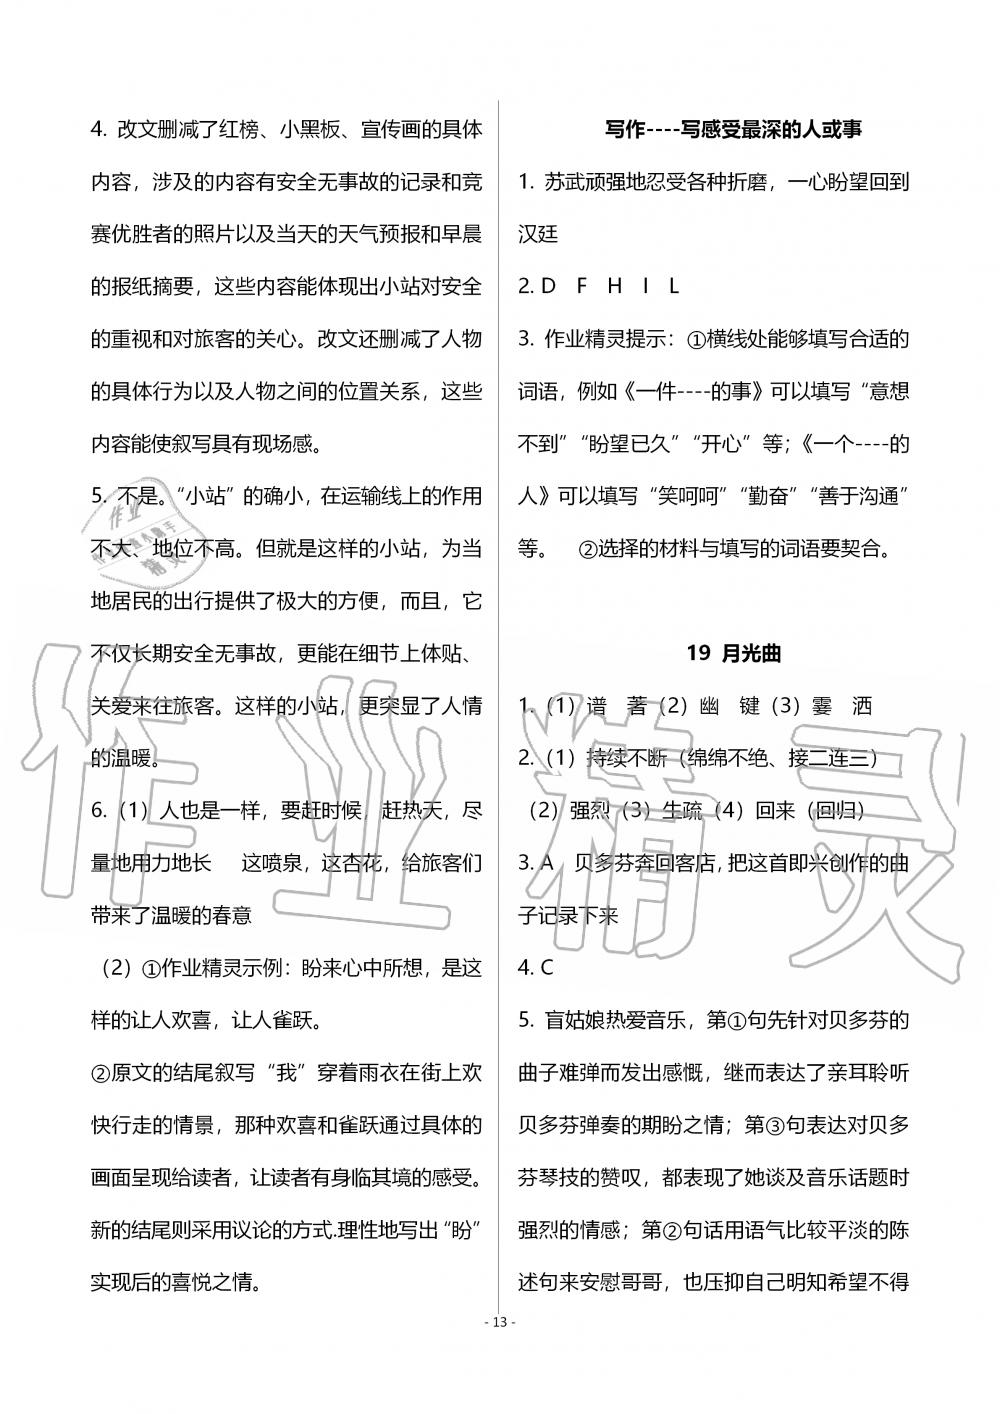 2019年语文练习部分六年级第一学期人教版五四制第13页